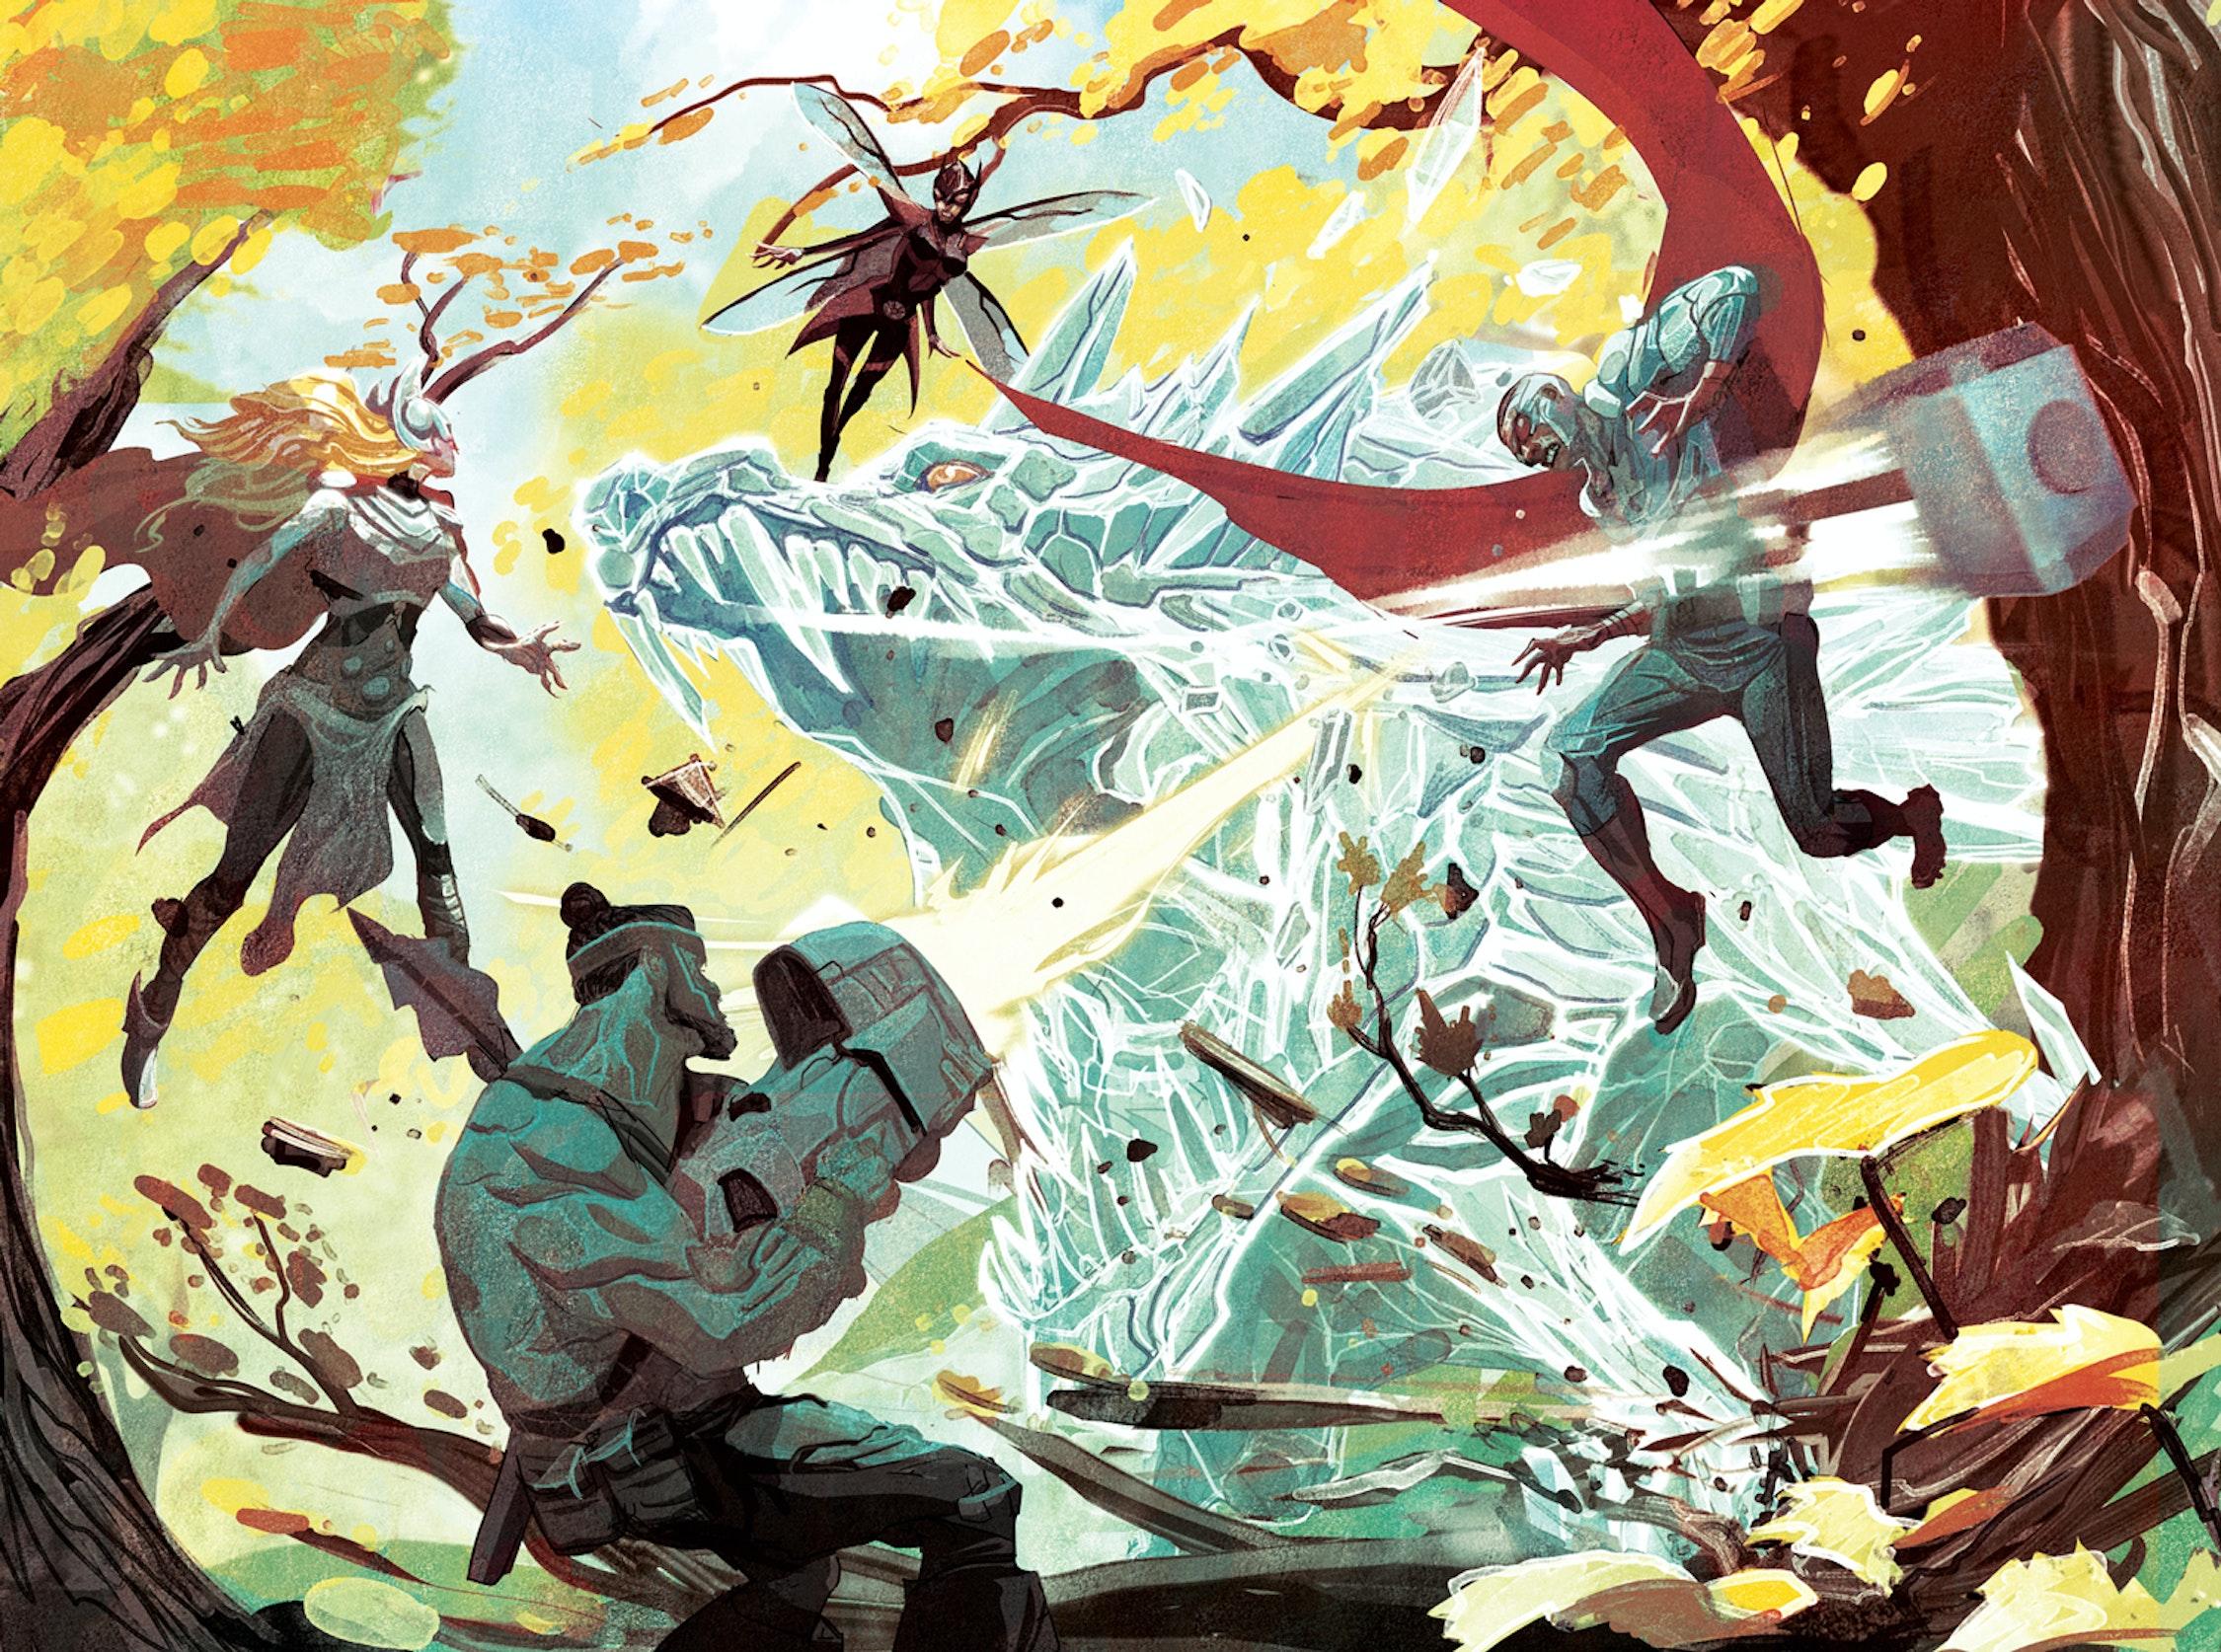 Marvel NOW! Avengers